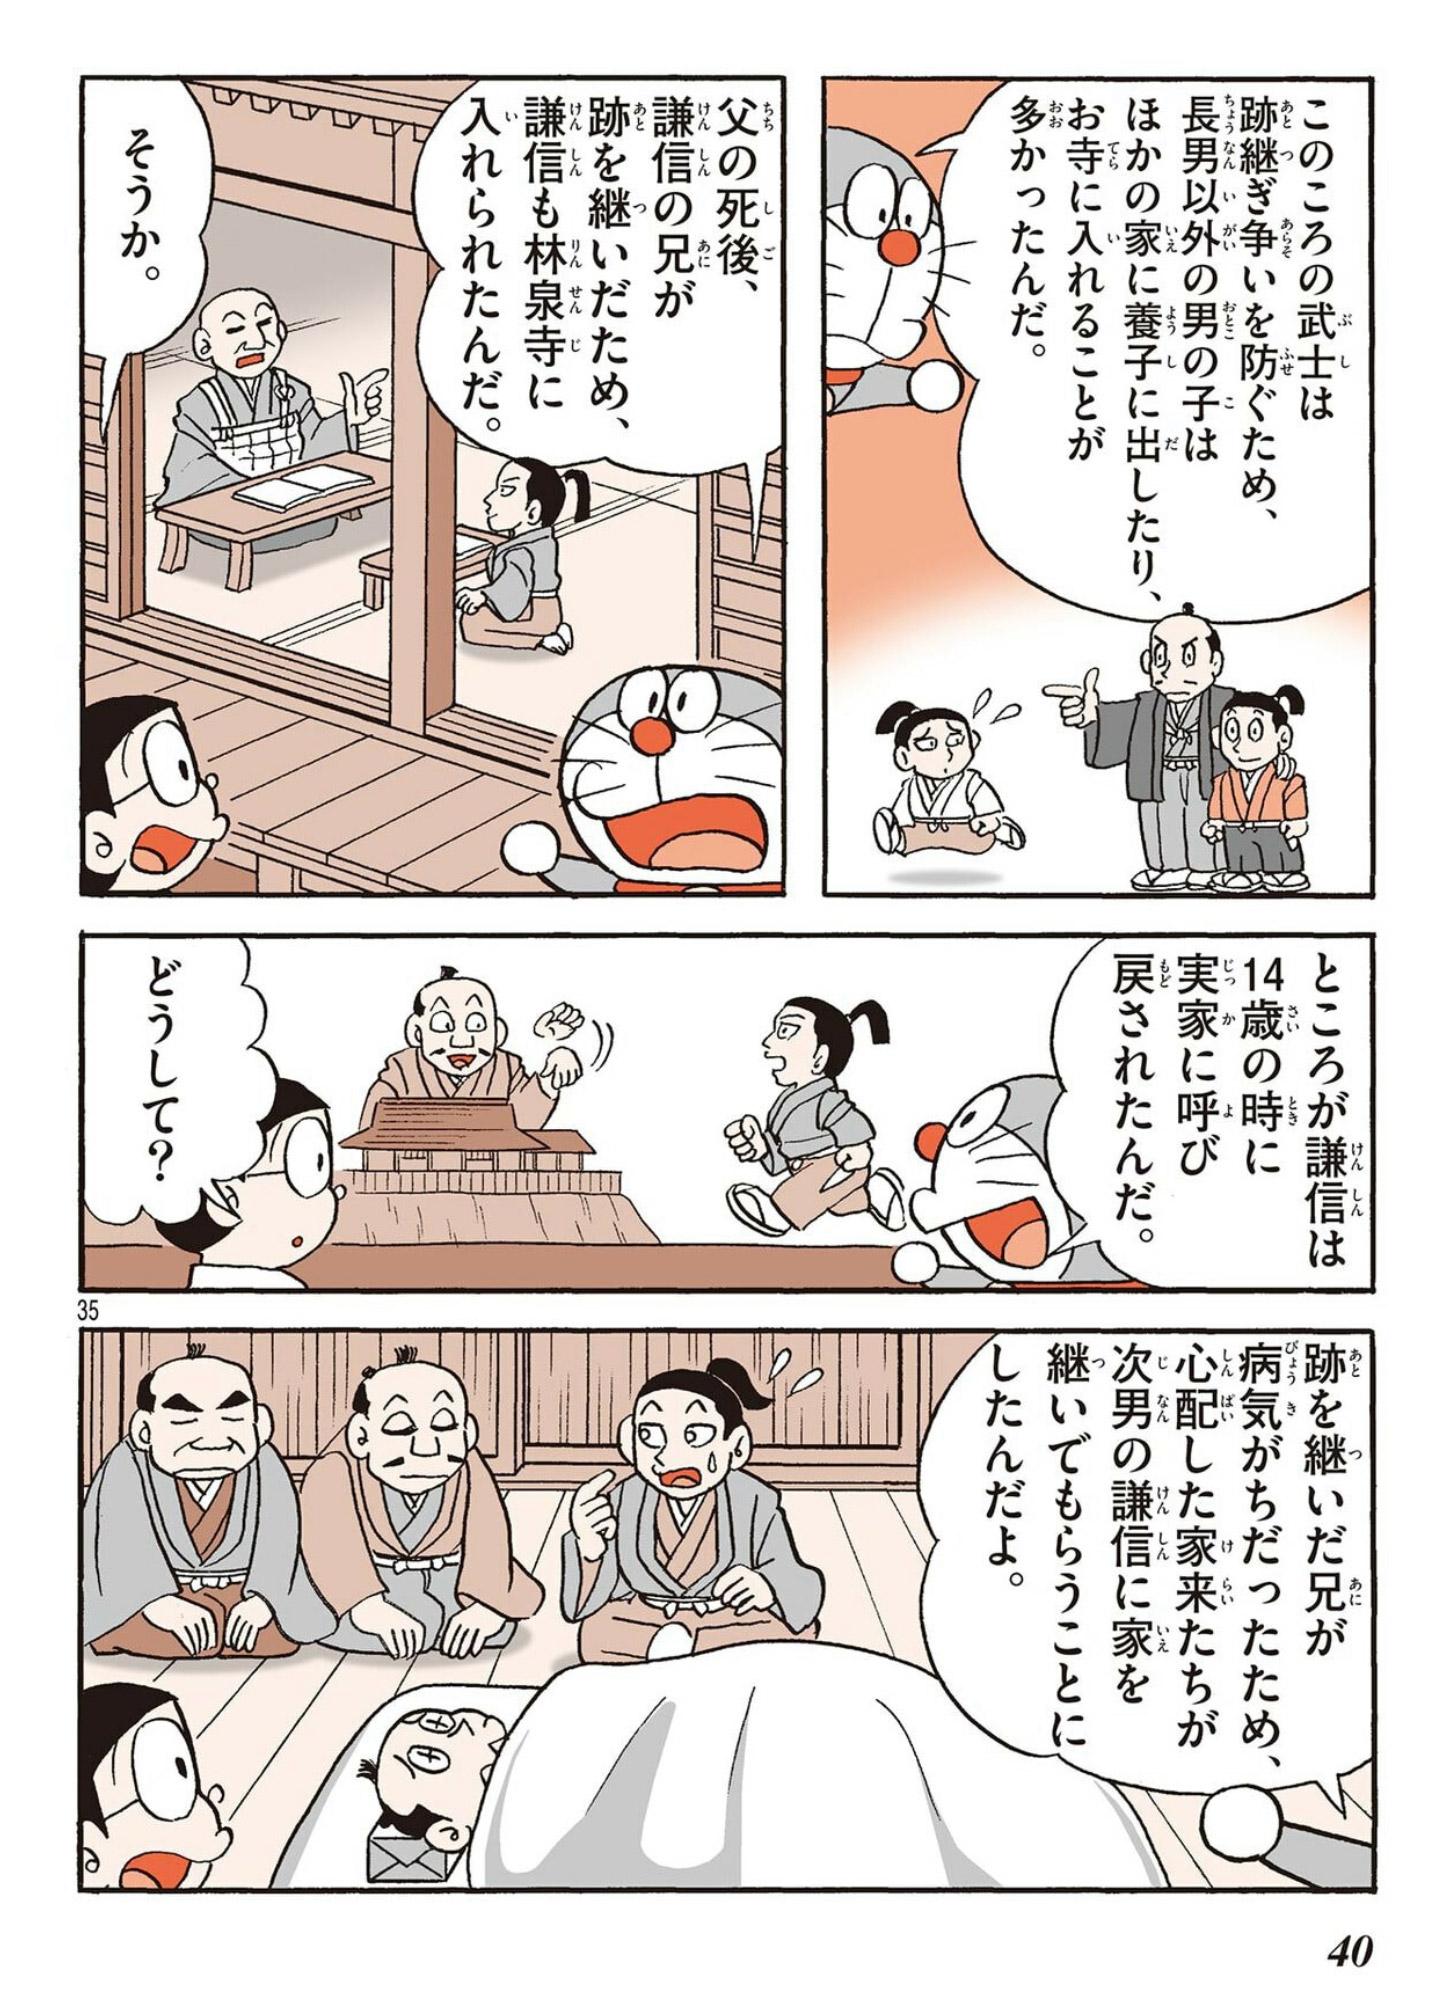 도라에몽 일본 인물전 샘플2